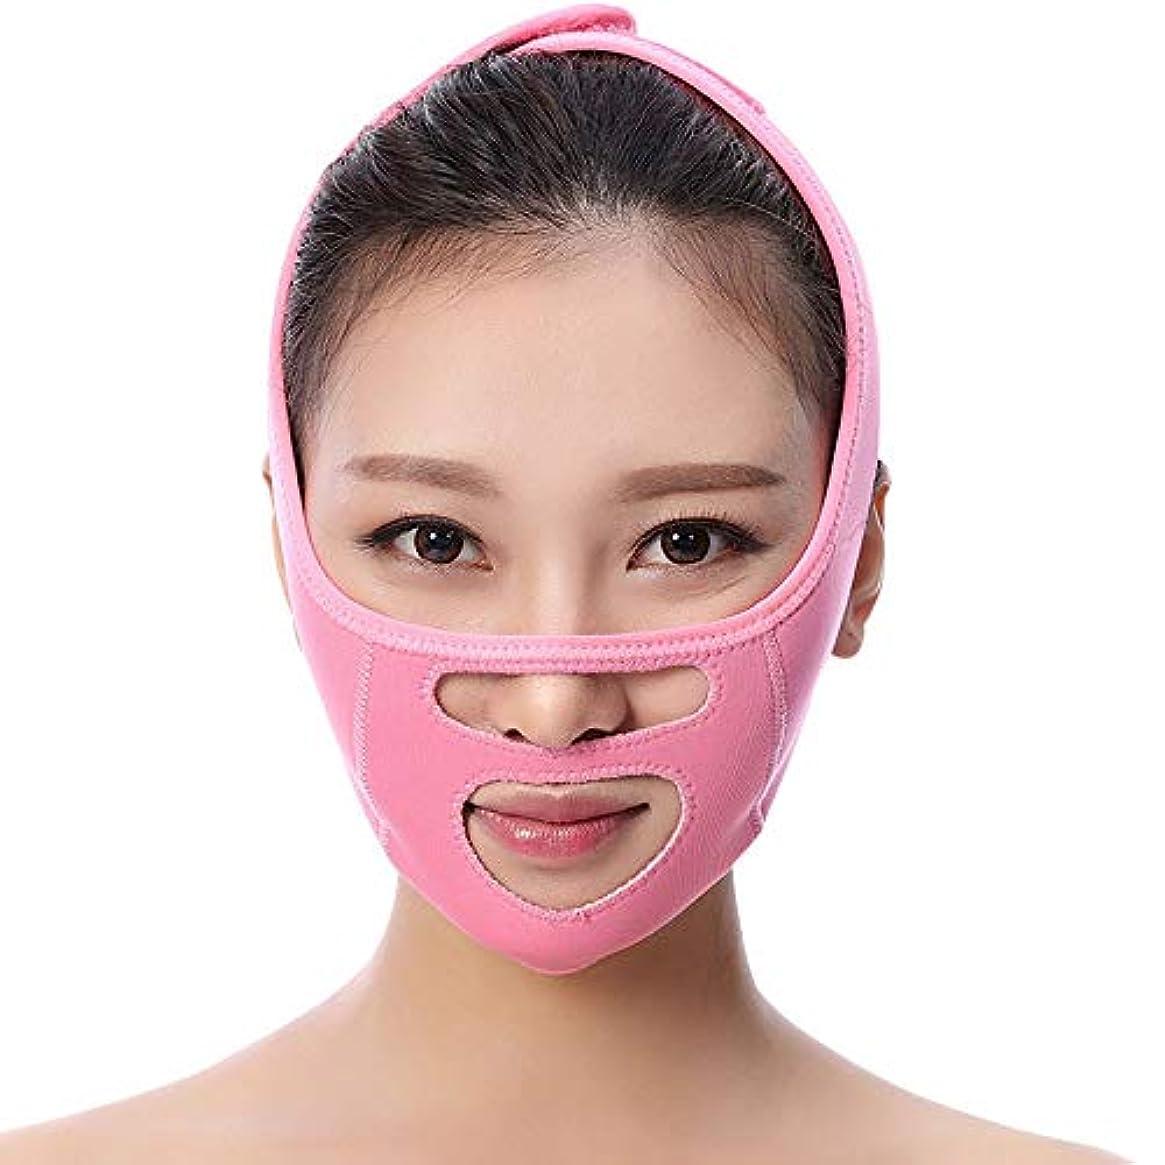 トリッキースクワイア体操フェイスリフトマスク、薄型フェイスベルトを眠らせる/フェイスフェイスリフトアーチファクト(ブルー/ピンク)を令状にするために美容フェイスリフト包帯を強化,Pink